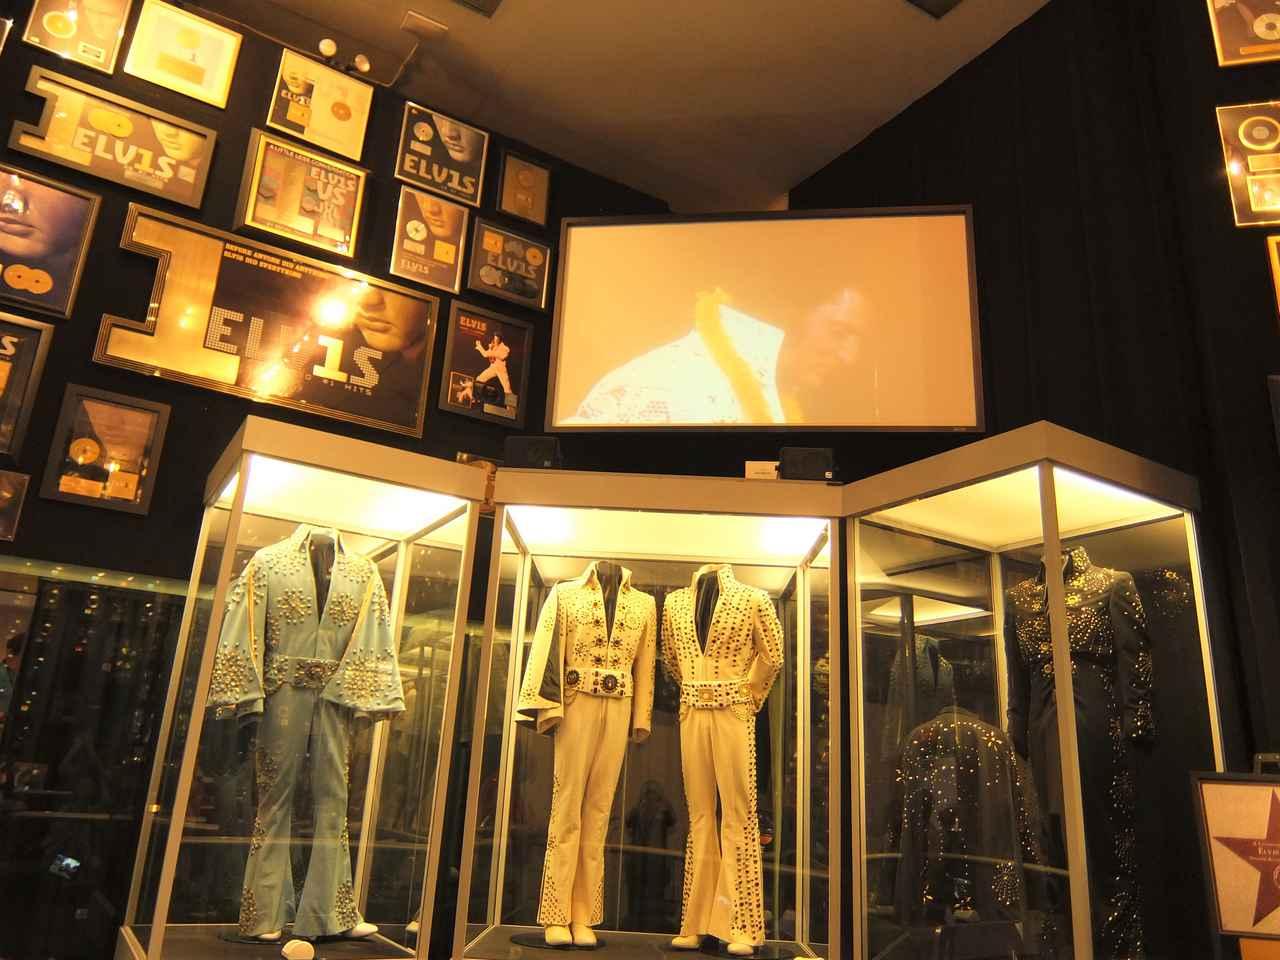 画像: エルヴィスの着用した衣装やレコードなどの展示(イメージ)